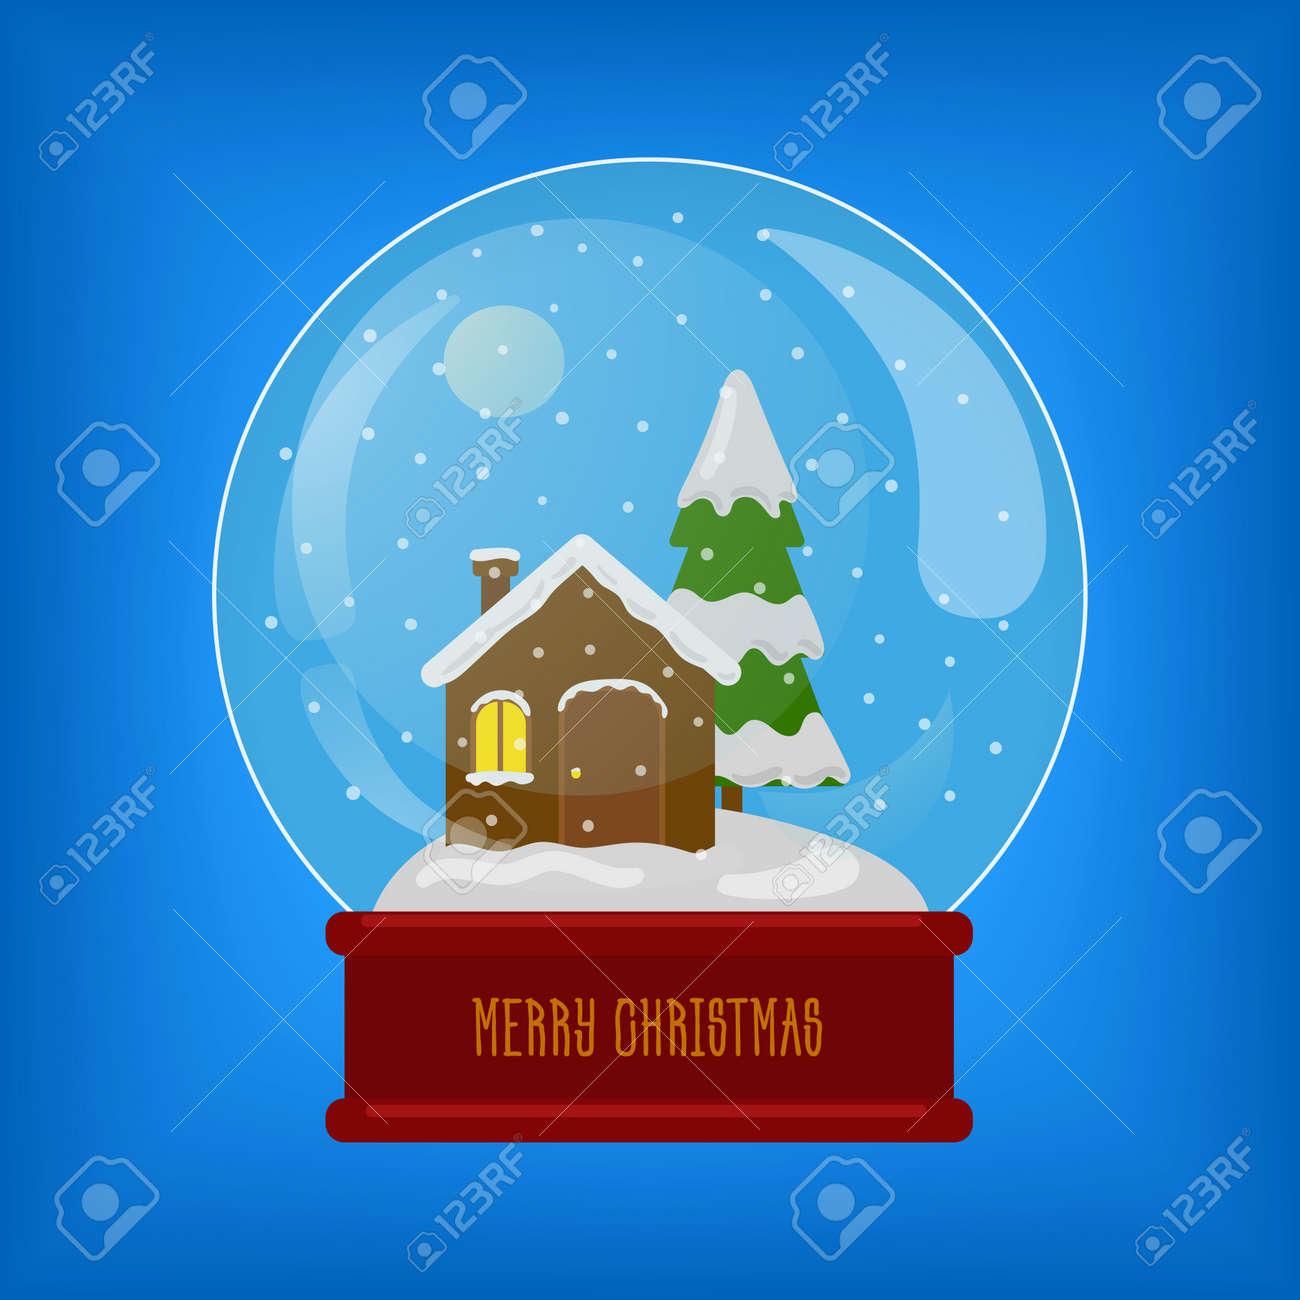 Banque dimages sphère de verre avec de la neige et de la maison cadeau de noël jouet dhiver illustration de vecteur coloré de dessin animé